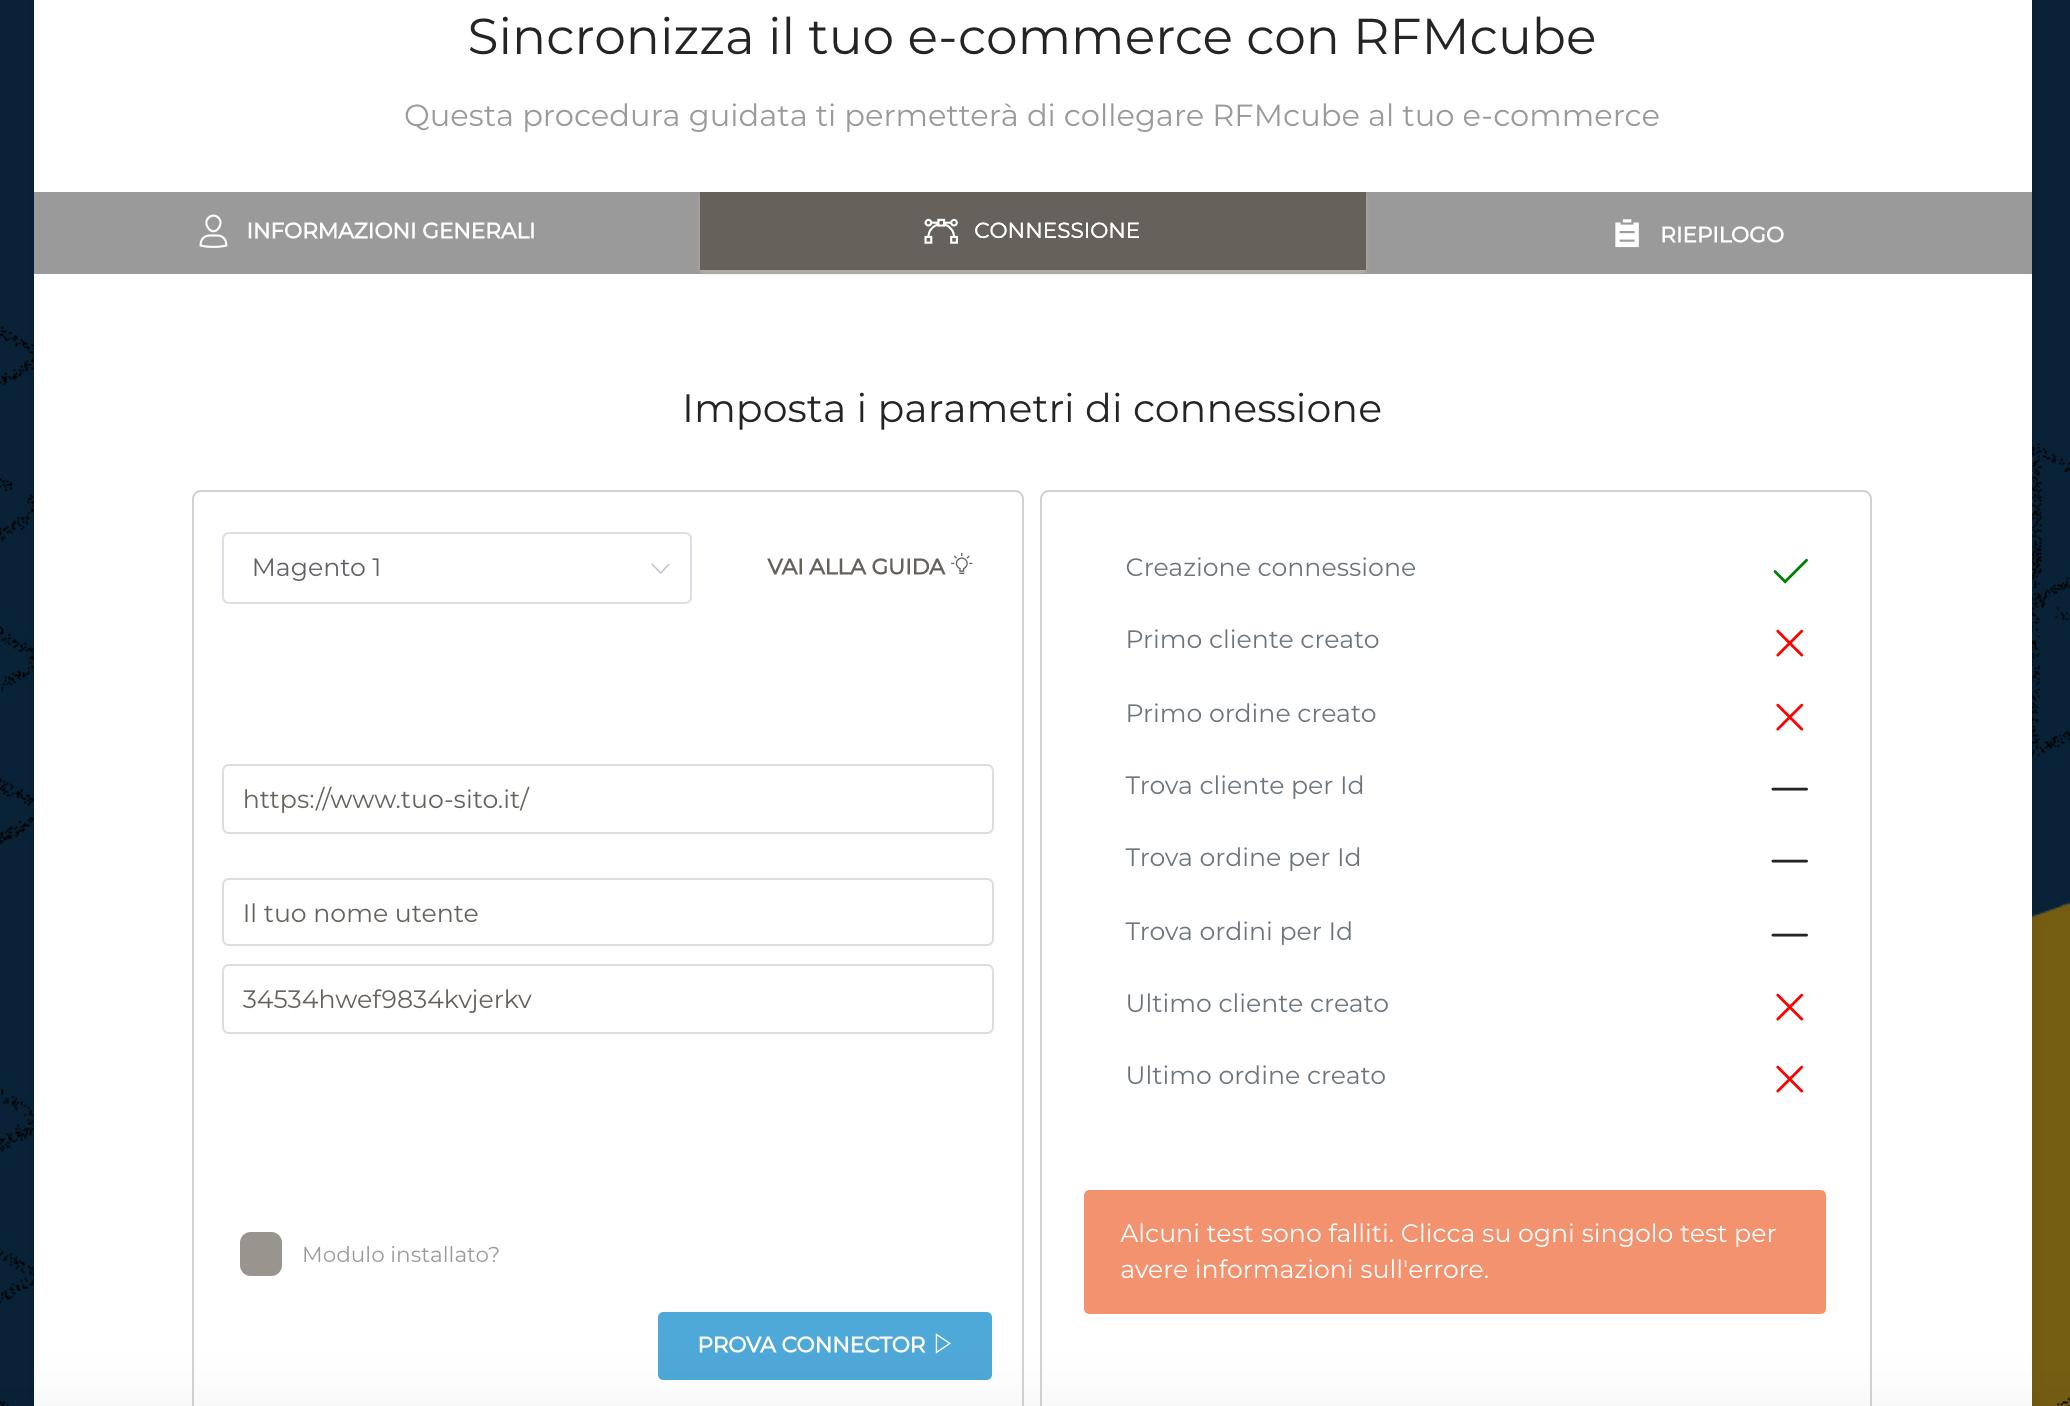 configuratore rfmcube integrazione per ecommerce